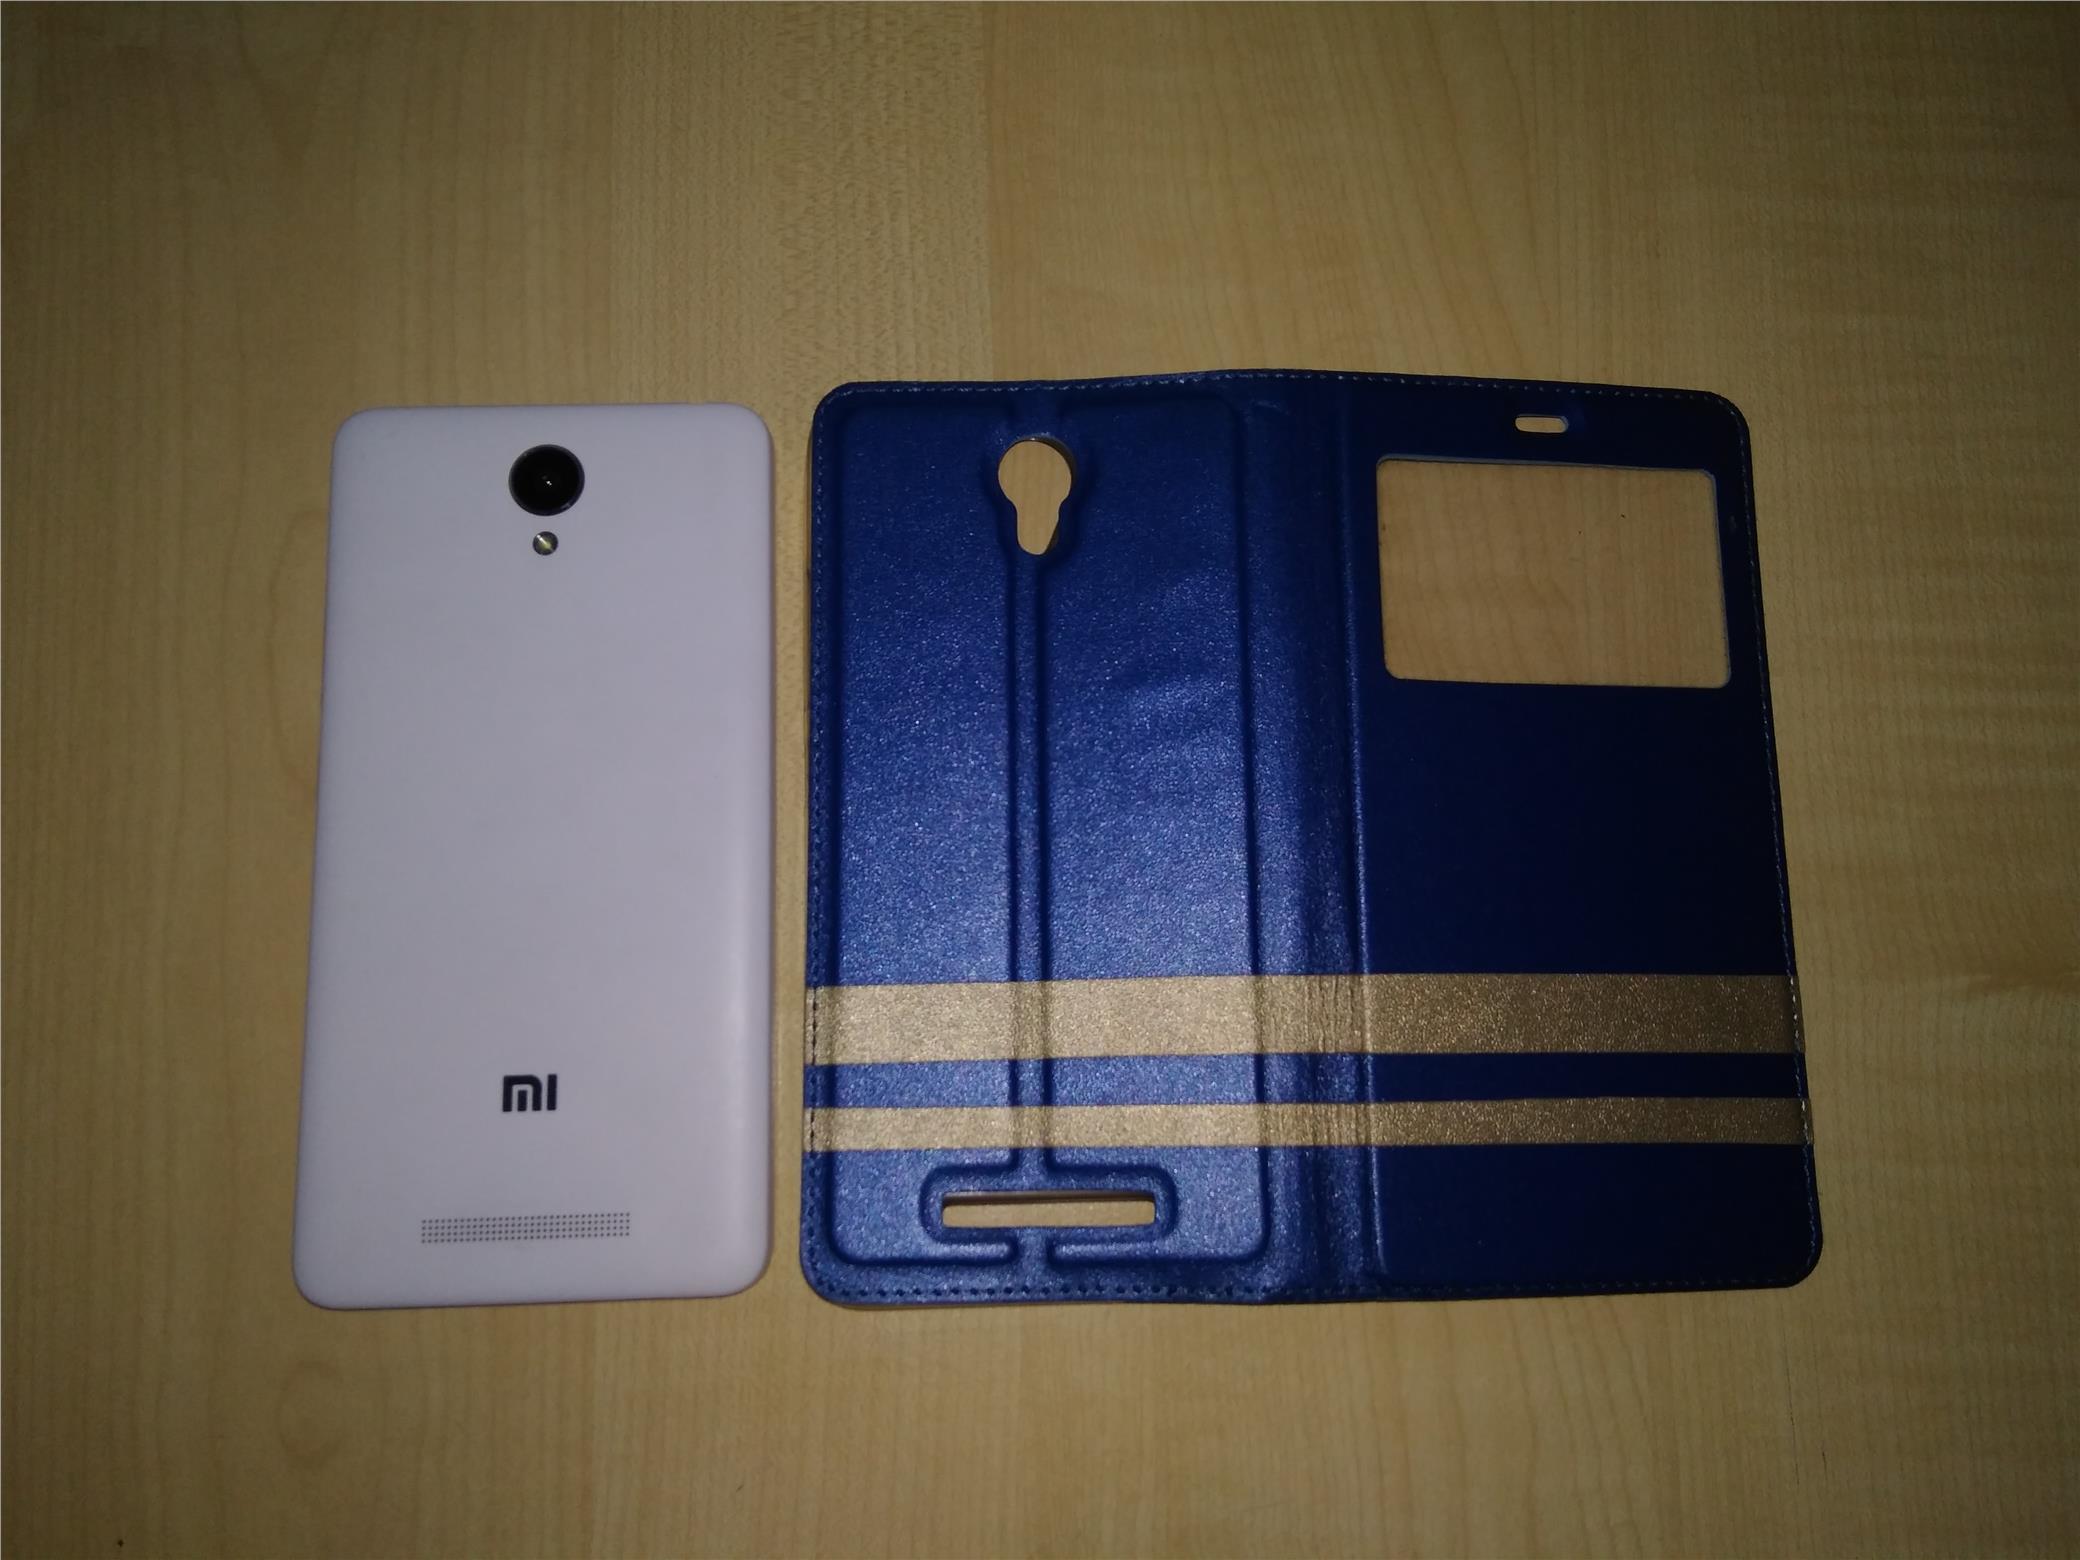 Jual Xiaomi Note 4g Lte Termurah 2018 Eastpak Padded Pakamp039r Backpack Merah Redmi 2 Dual Si End 7 15 2017 1159 Pm Sim